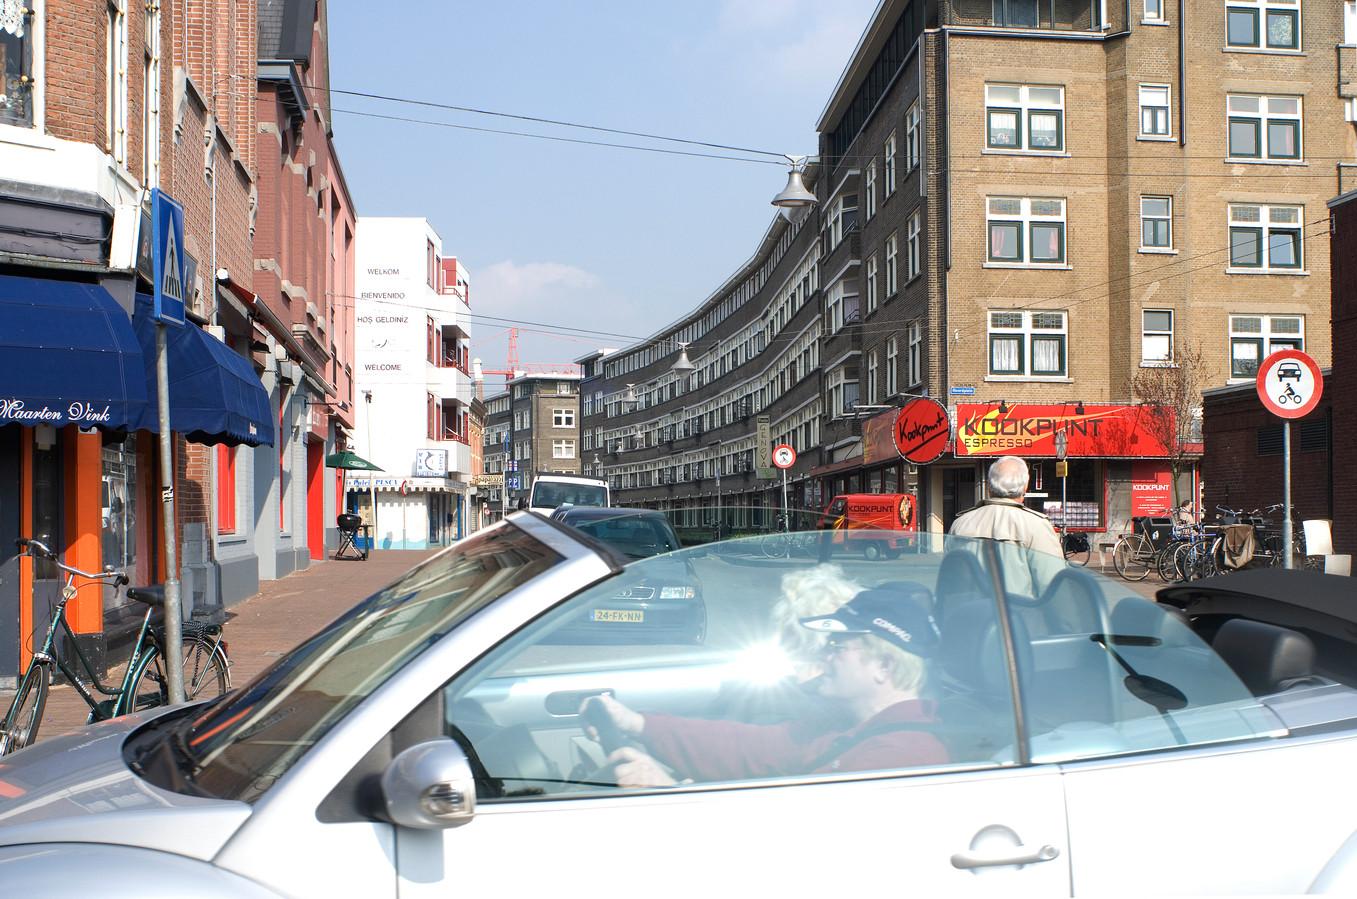 Het nu zo hippe Oude Noorden met zijn vele winkeltjes en restaurantjes is gered door de stadsvernieuwing. De gemeente had aanvankelijk plannen voor grootschalige sloop.